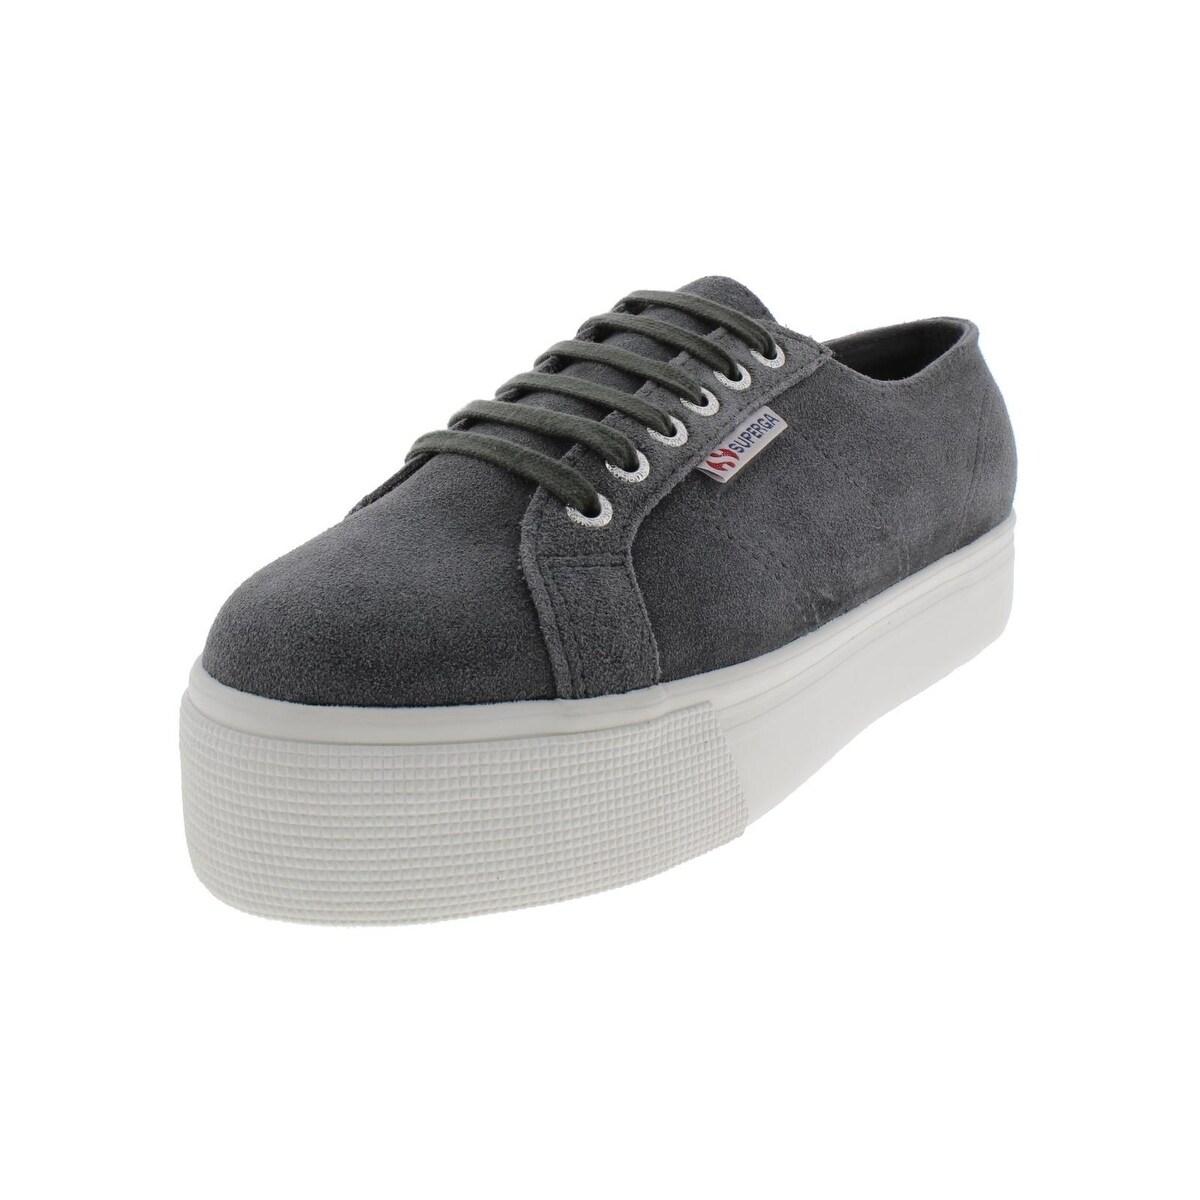 new arrival 79114 816e2 Superga Shoes | Shop our Best Clothing & Shoes Deals Online ...